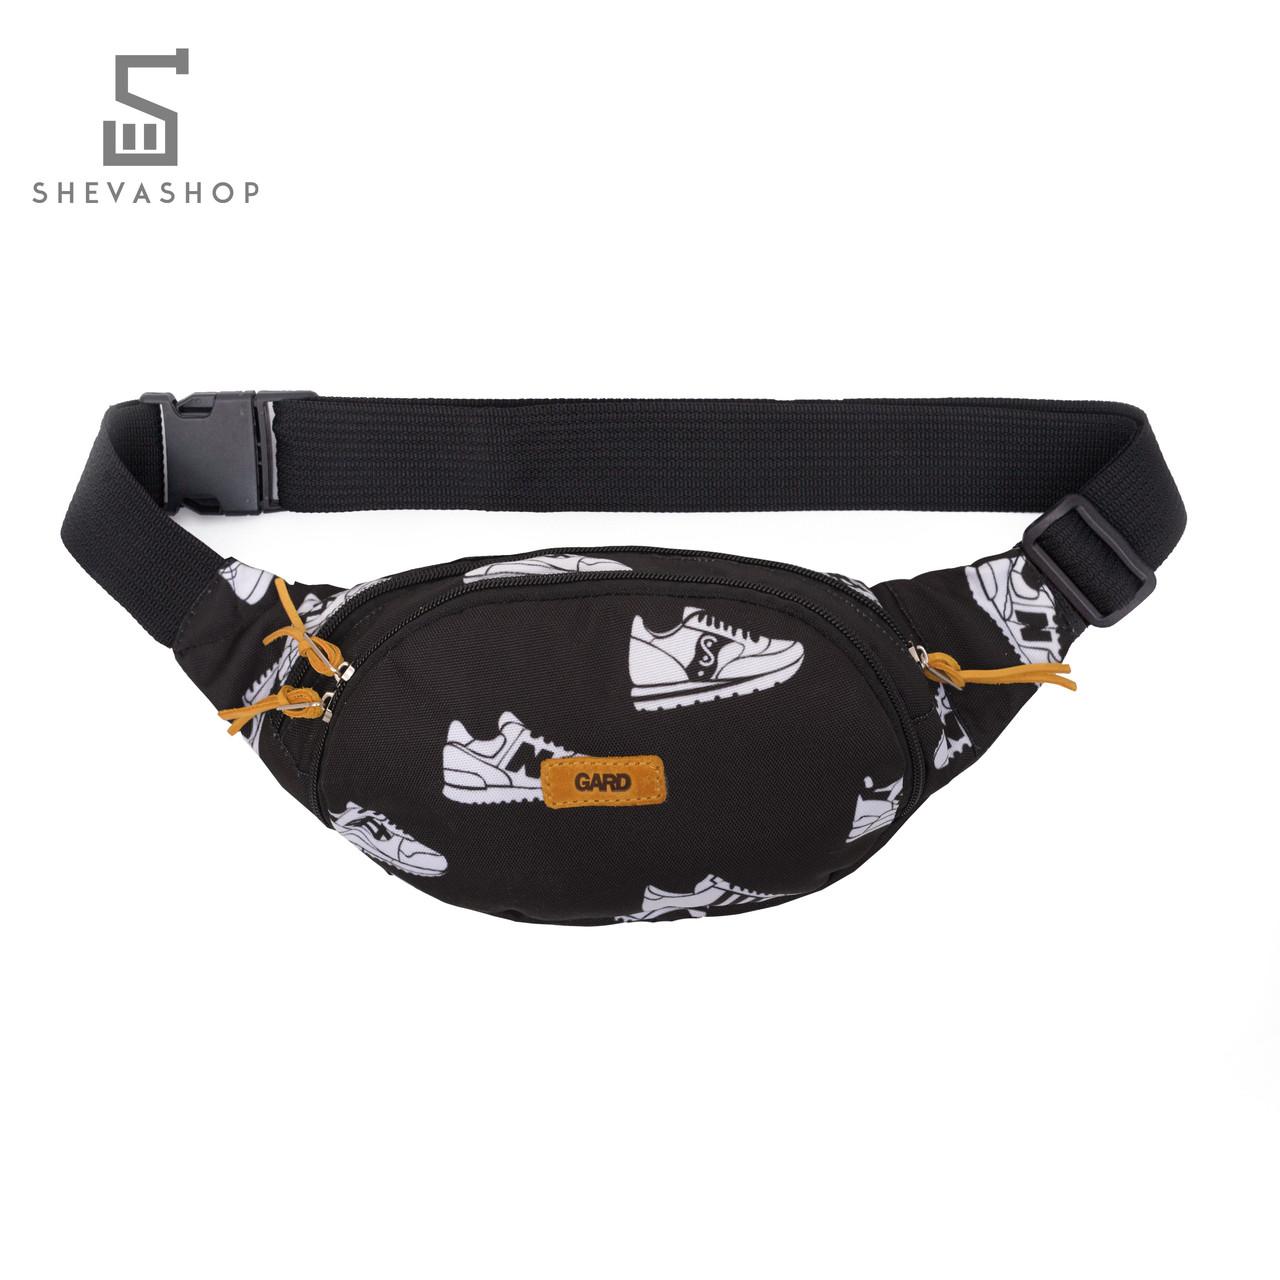 3b83083f4d21 Поясная сумка GARD WAIST BAG | sneaker 2/18 черная - купить по ...